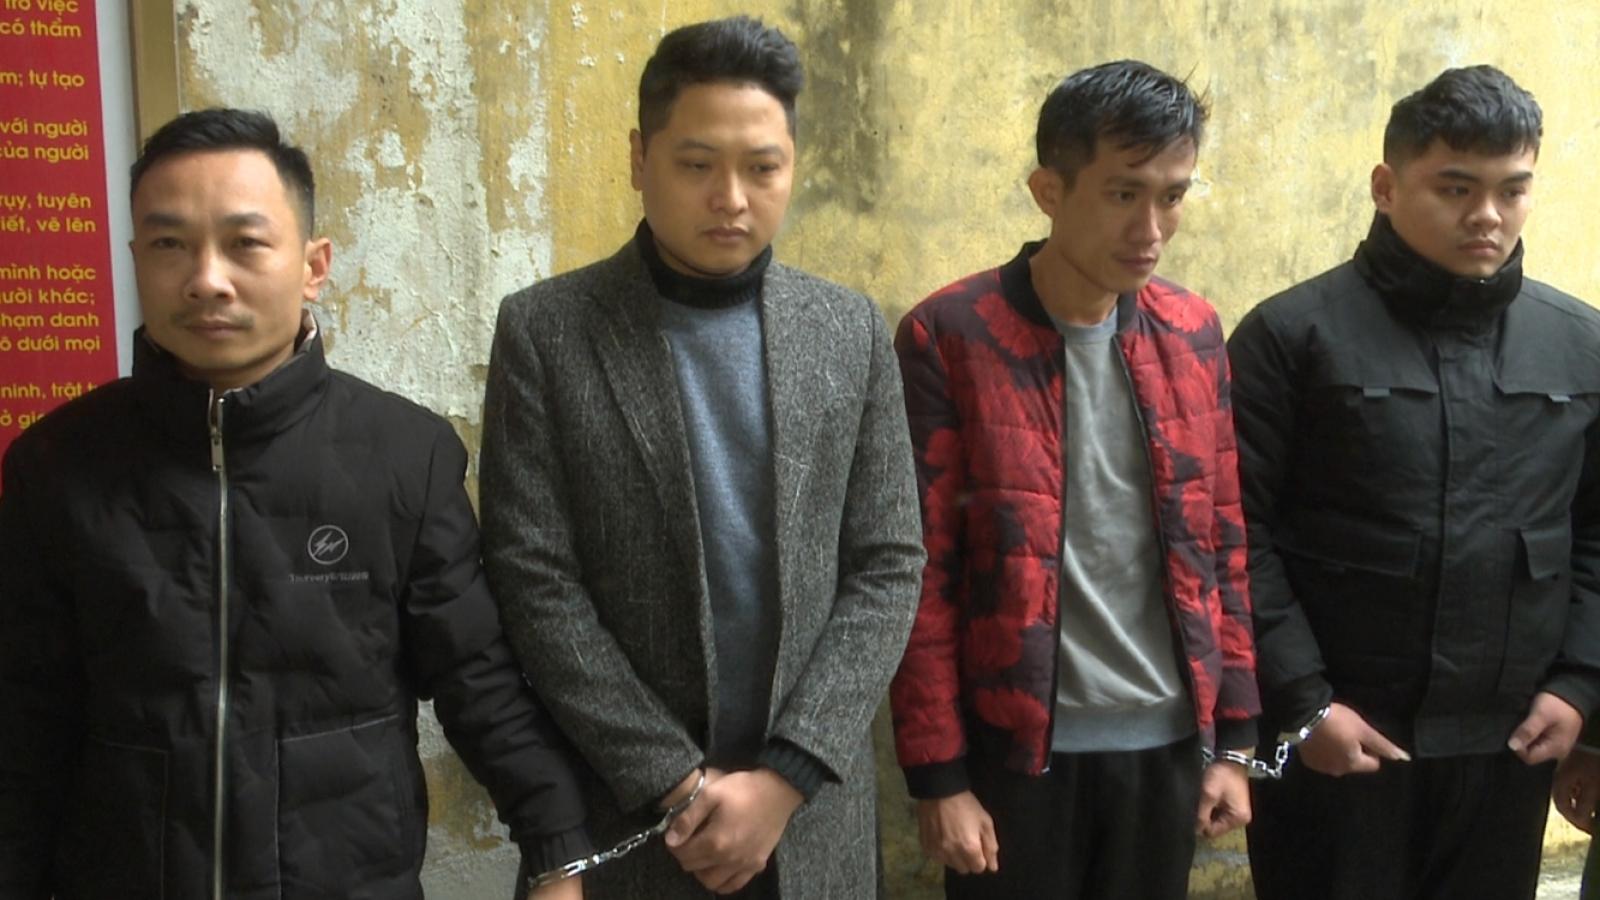 Bắt đối tượng nghiện ma tuý trộm ô tô đỗ cạnh UBND phường